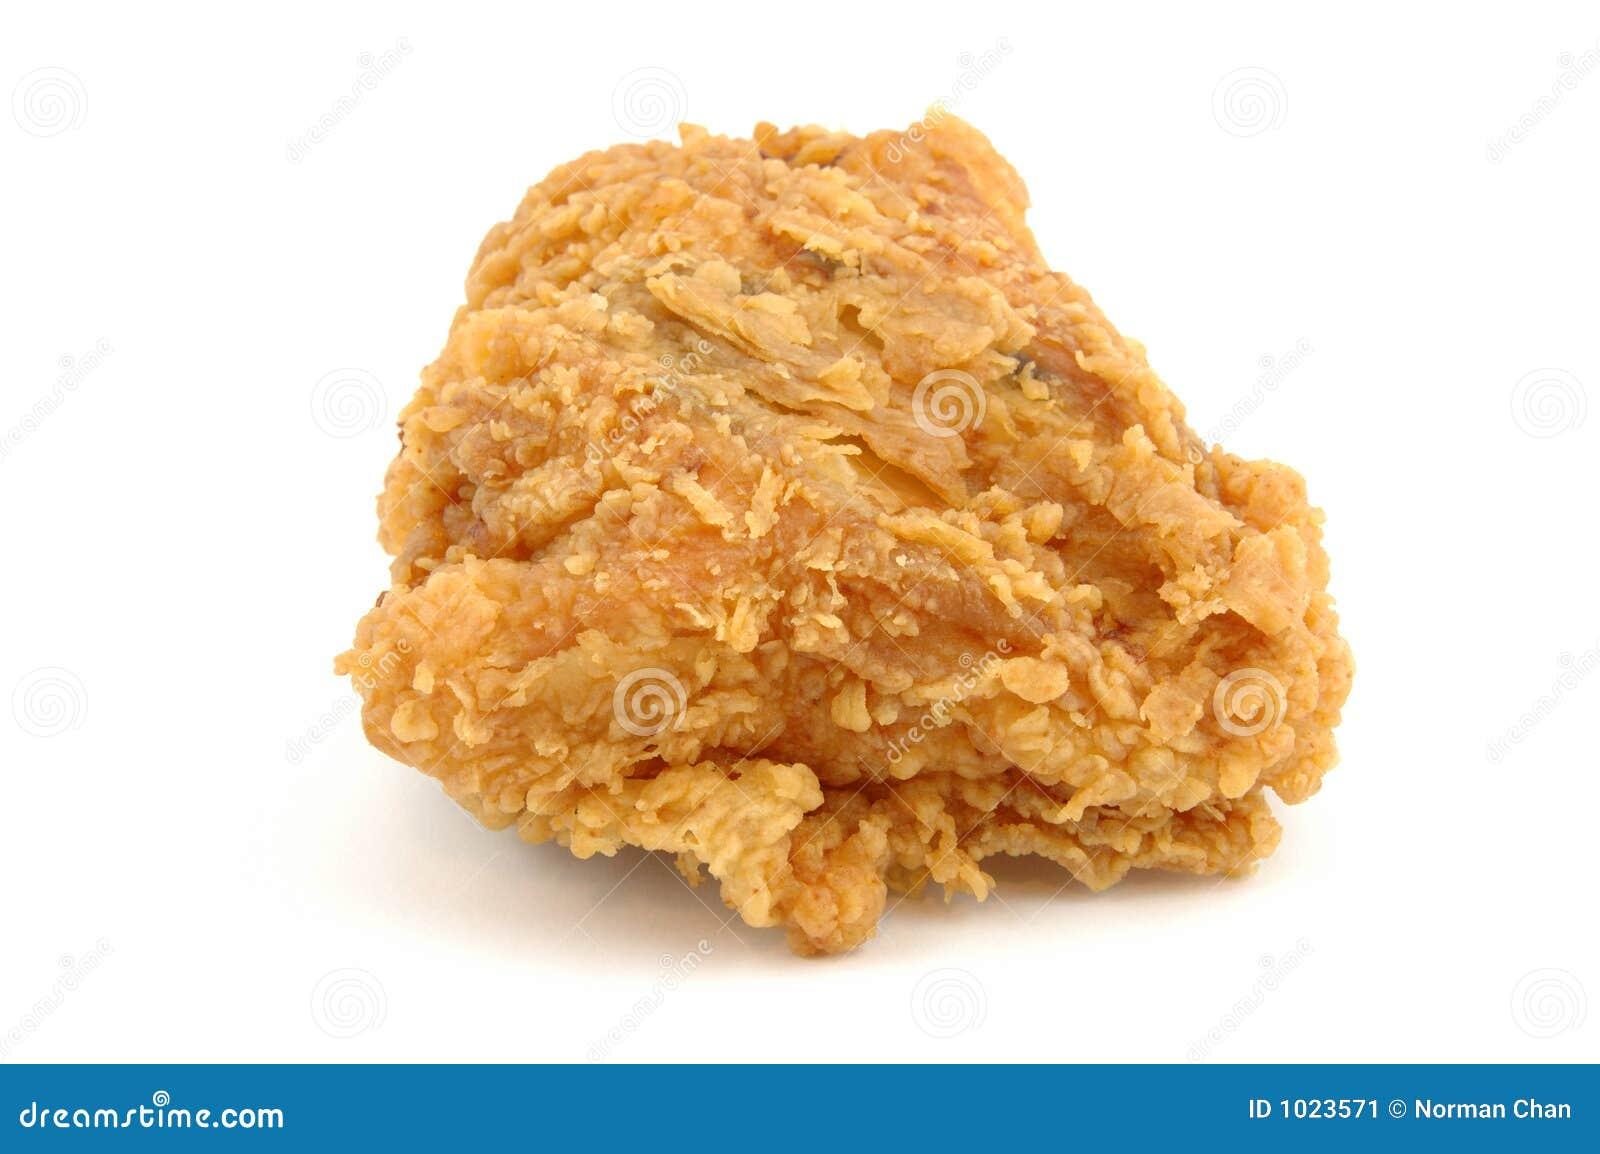 blanc de poulet frit image stock image du croquant poulet 1023571. Black Bedroom Furniture Sets. Home Design Ideas